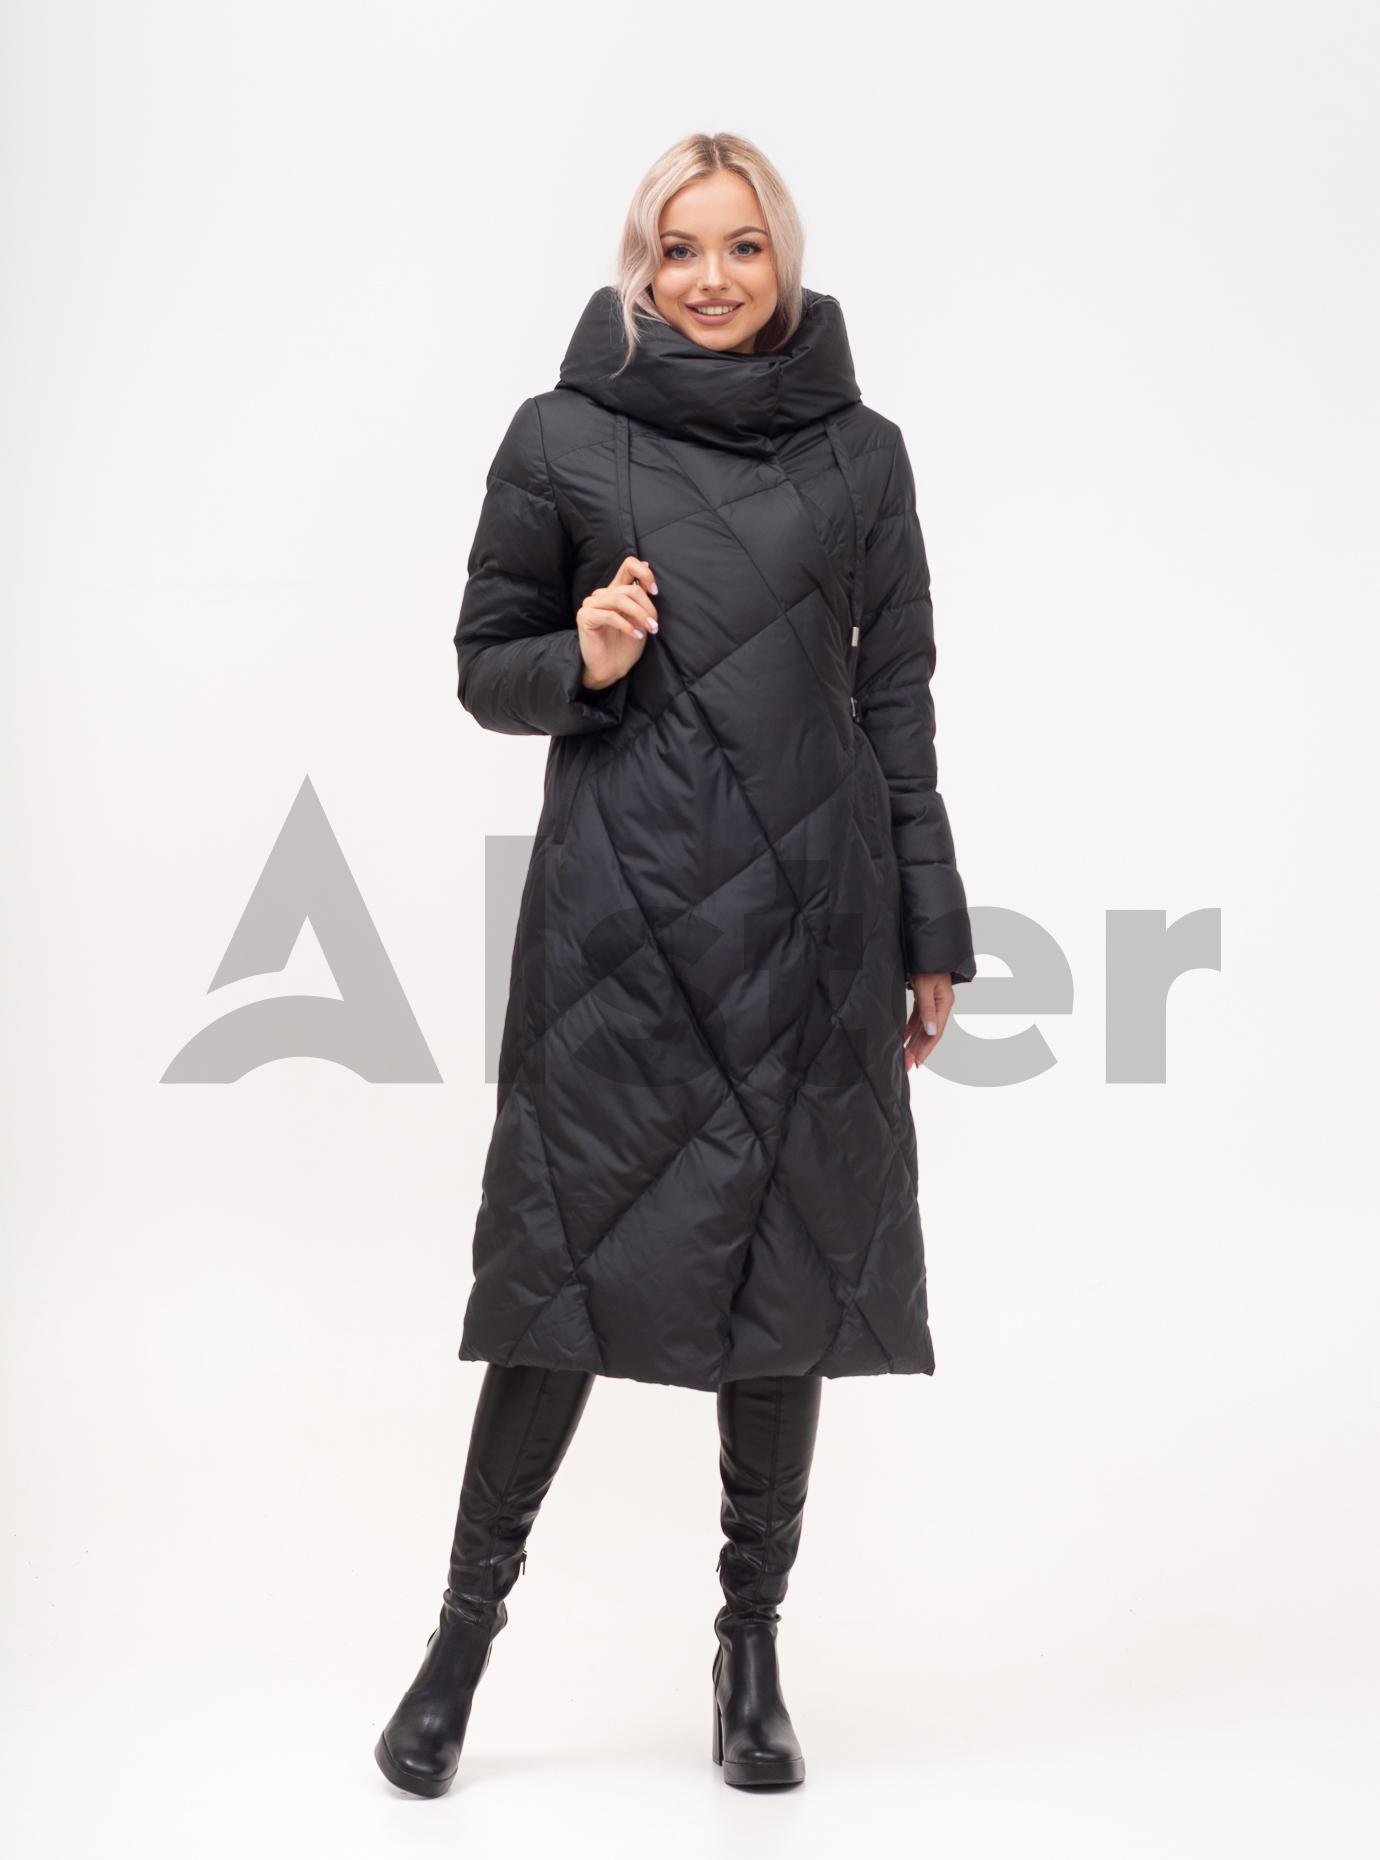 Пуховик зимний длинный с капюшоном Чёрный S (01-N200104): фото - Alster.ua